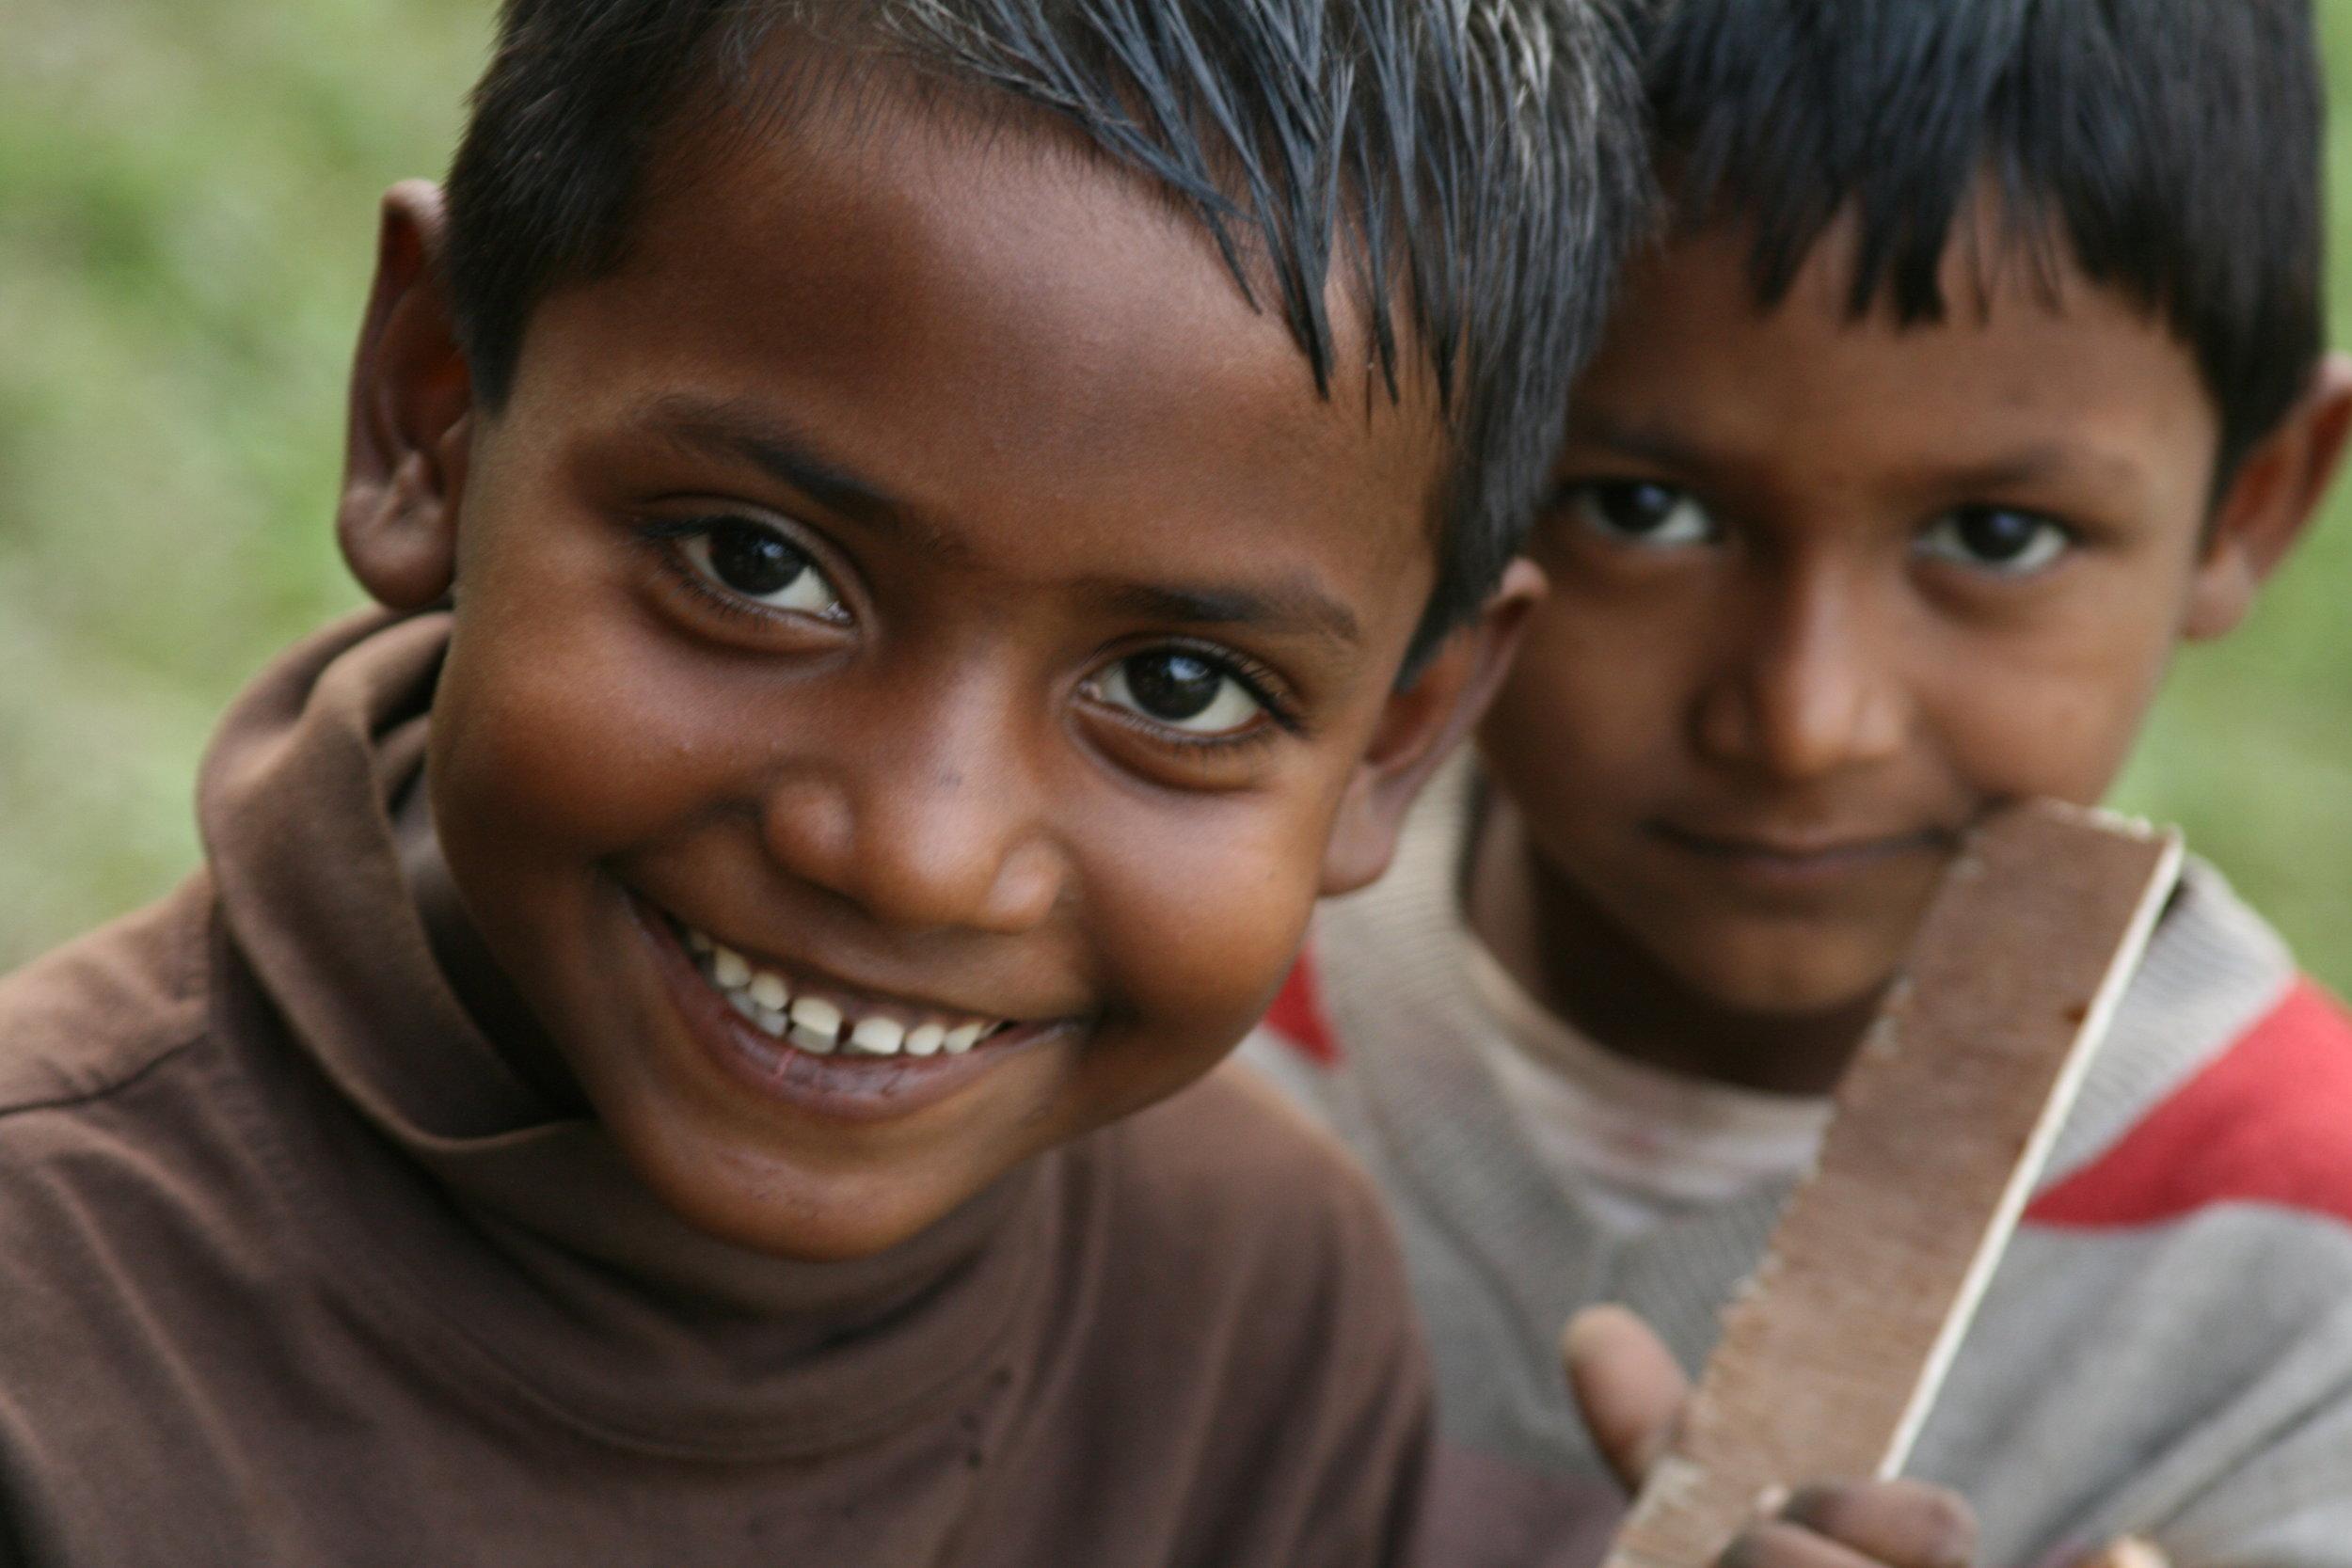 People-Bangladeshi Boys 2.JPG